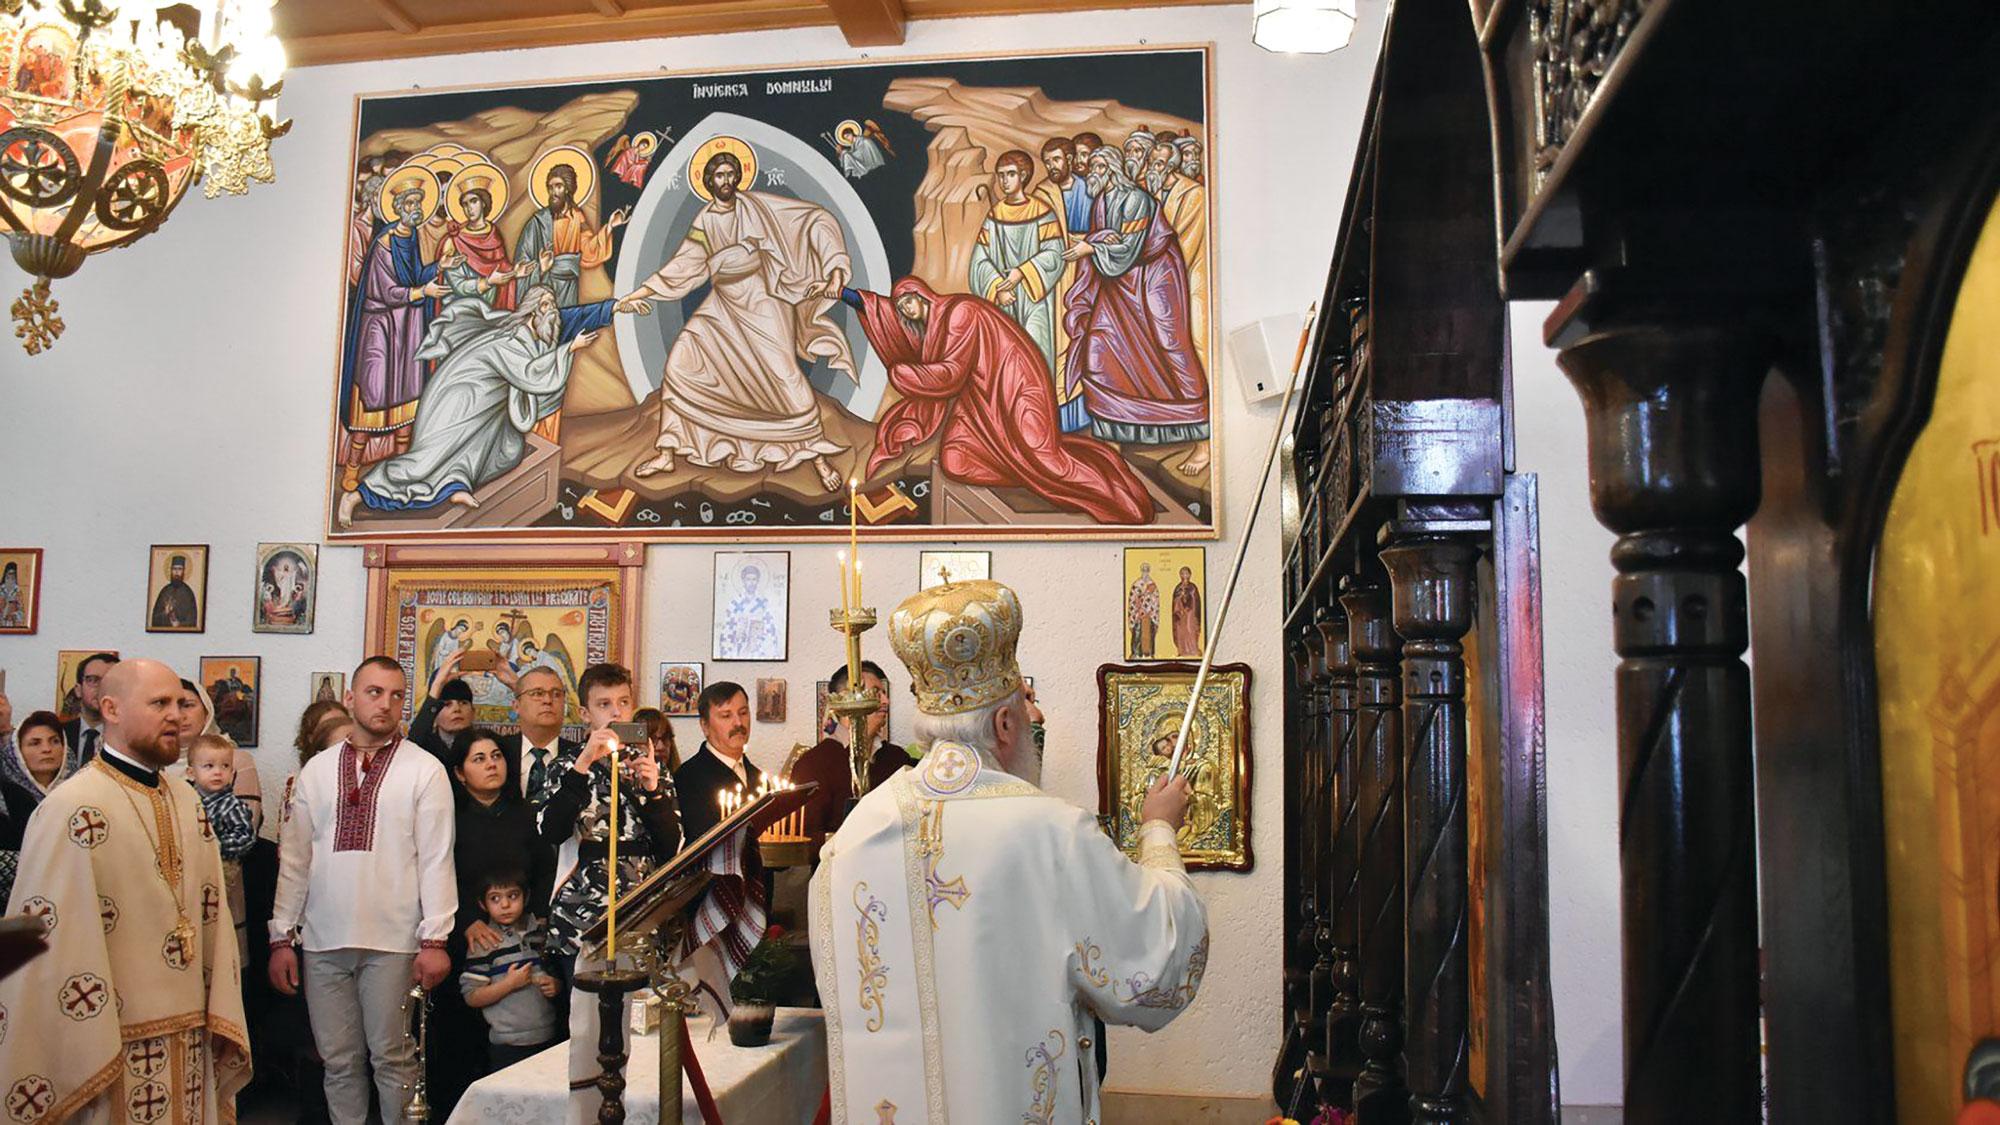 Binecuvântare în parohia românească din Passau-Vilshofen, Germania